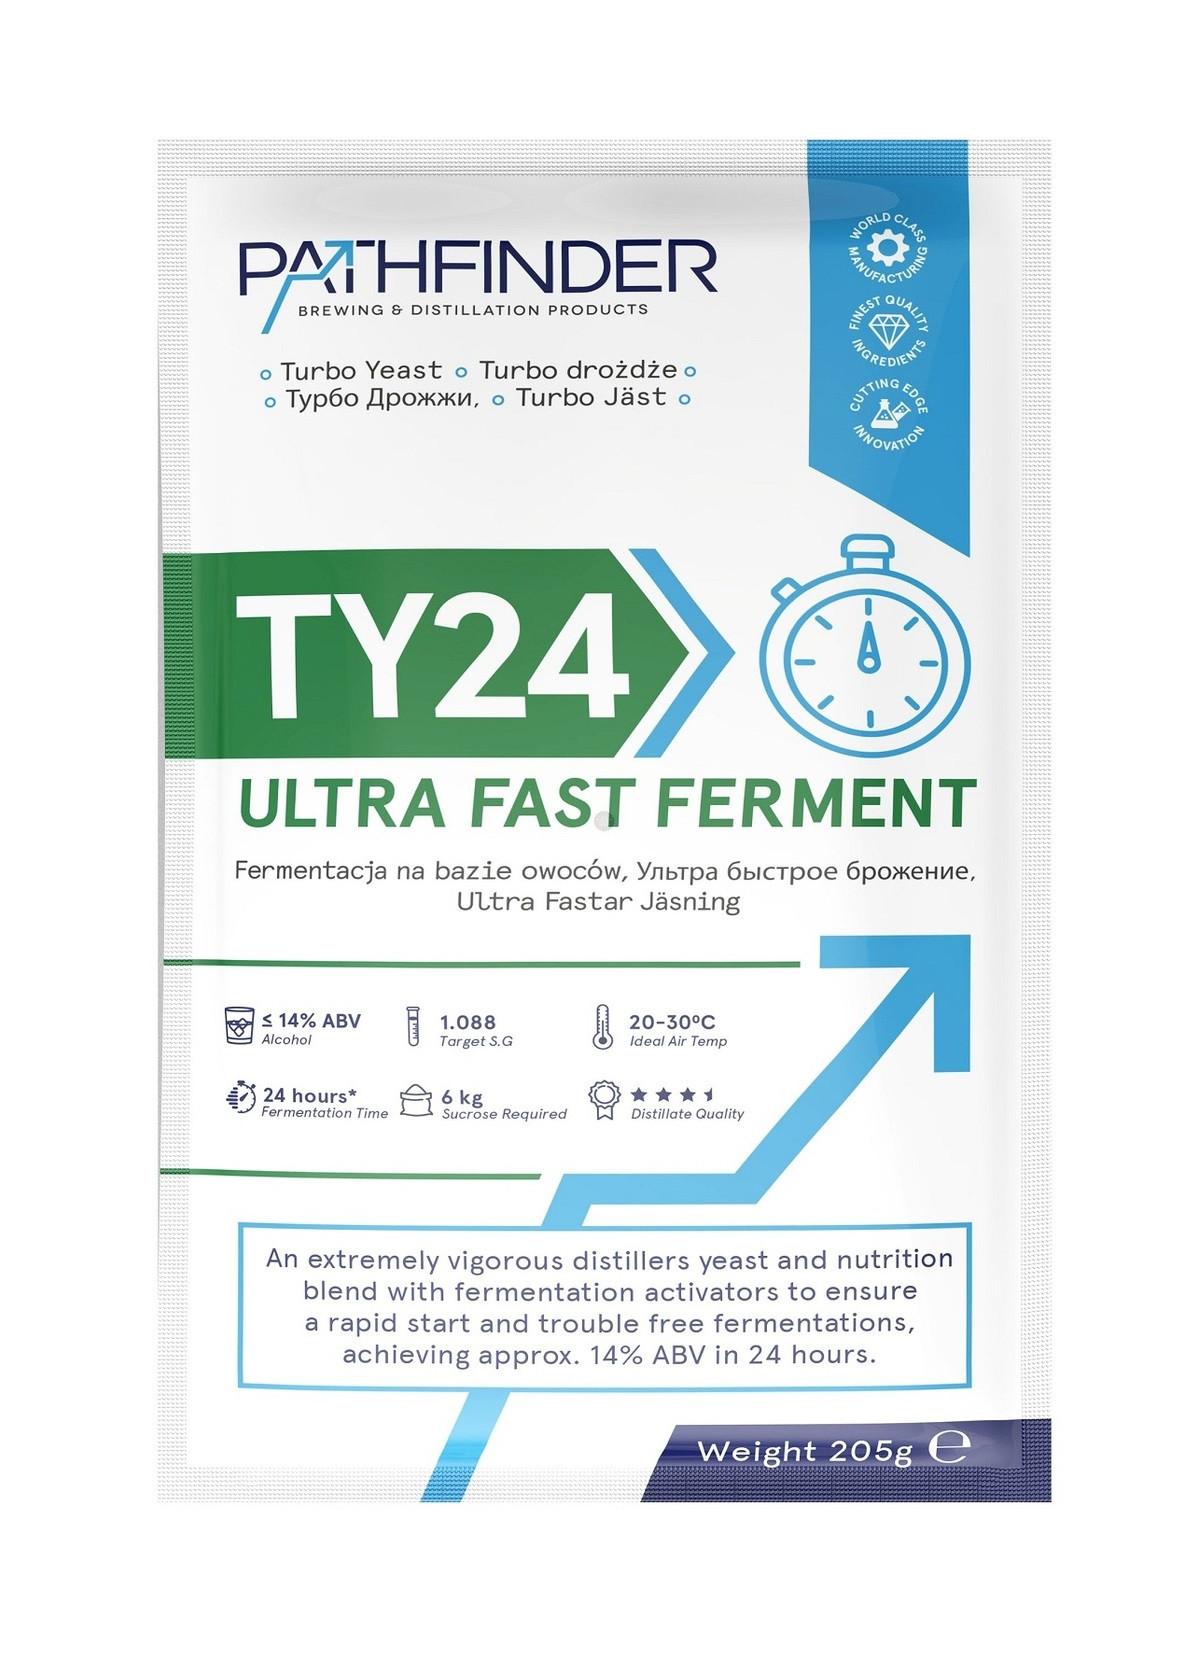 Дрожжи PathFinder 24 Ultra Fast Ferment